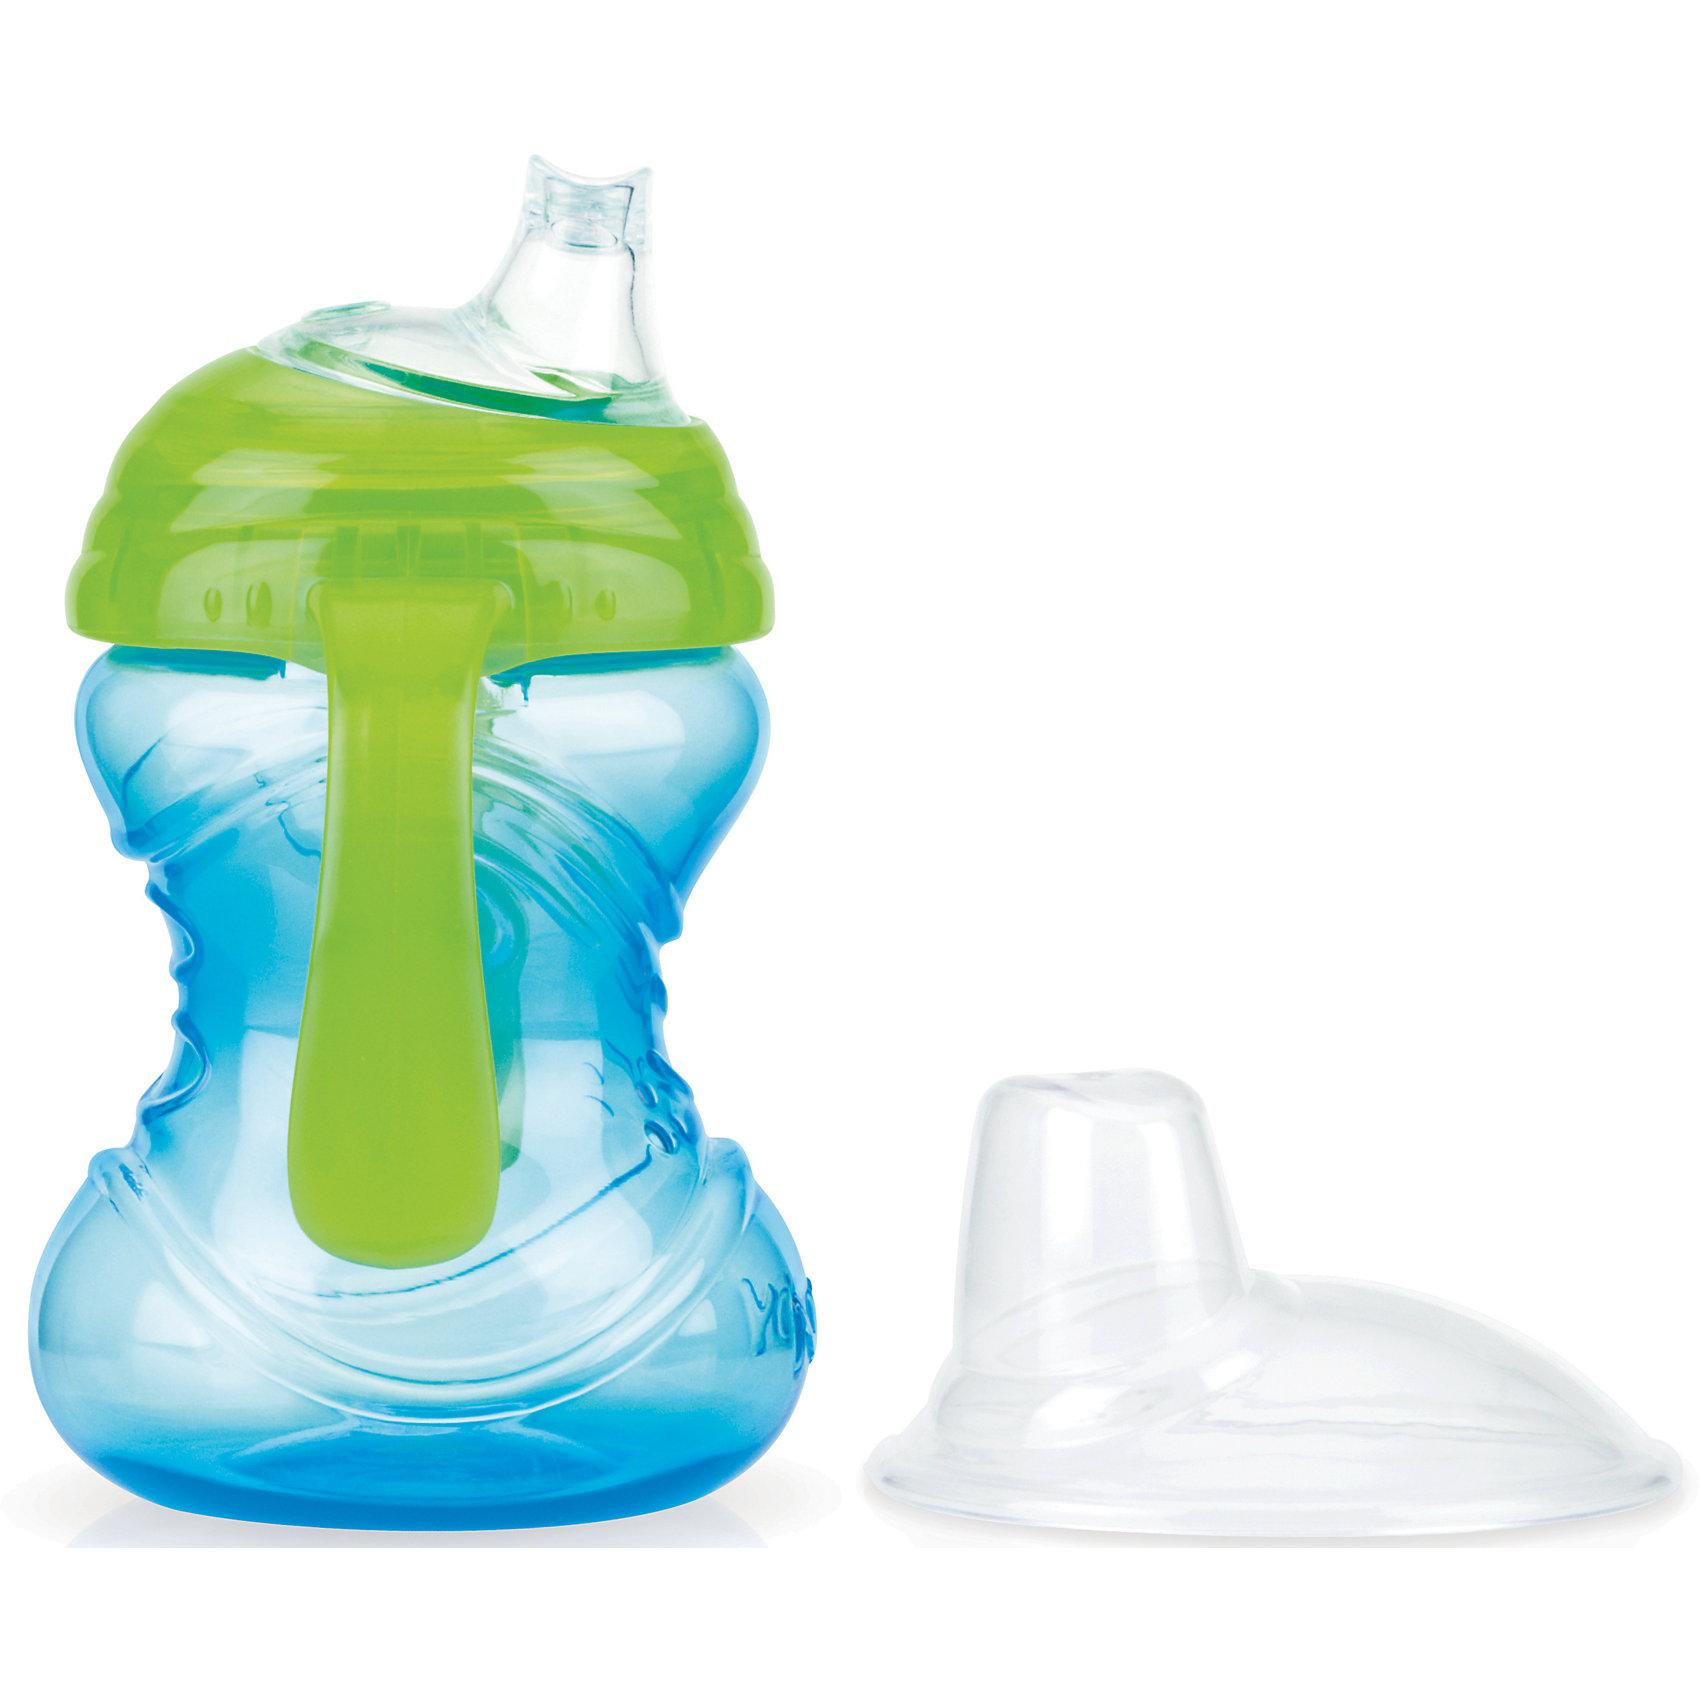 Поильник 240мл, Nuby, голубой/зеленый